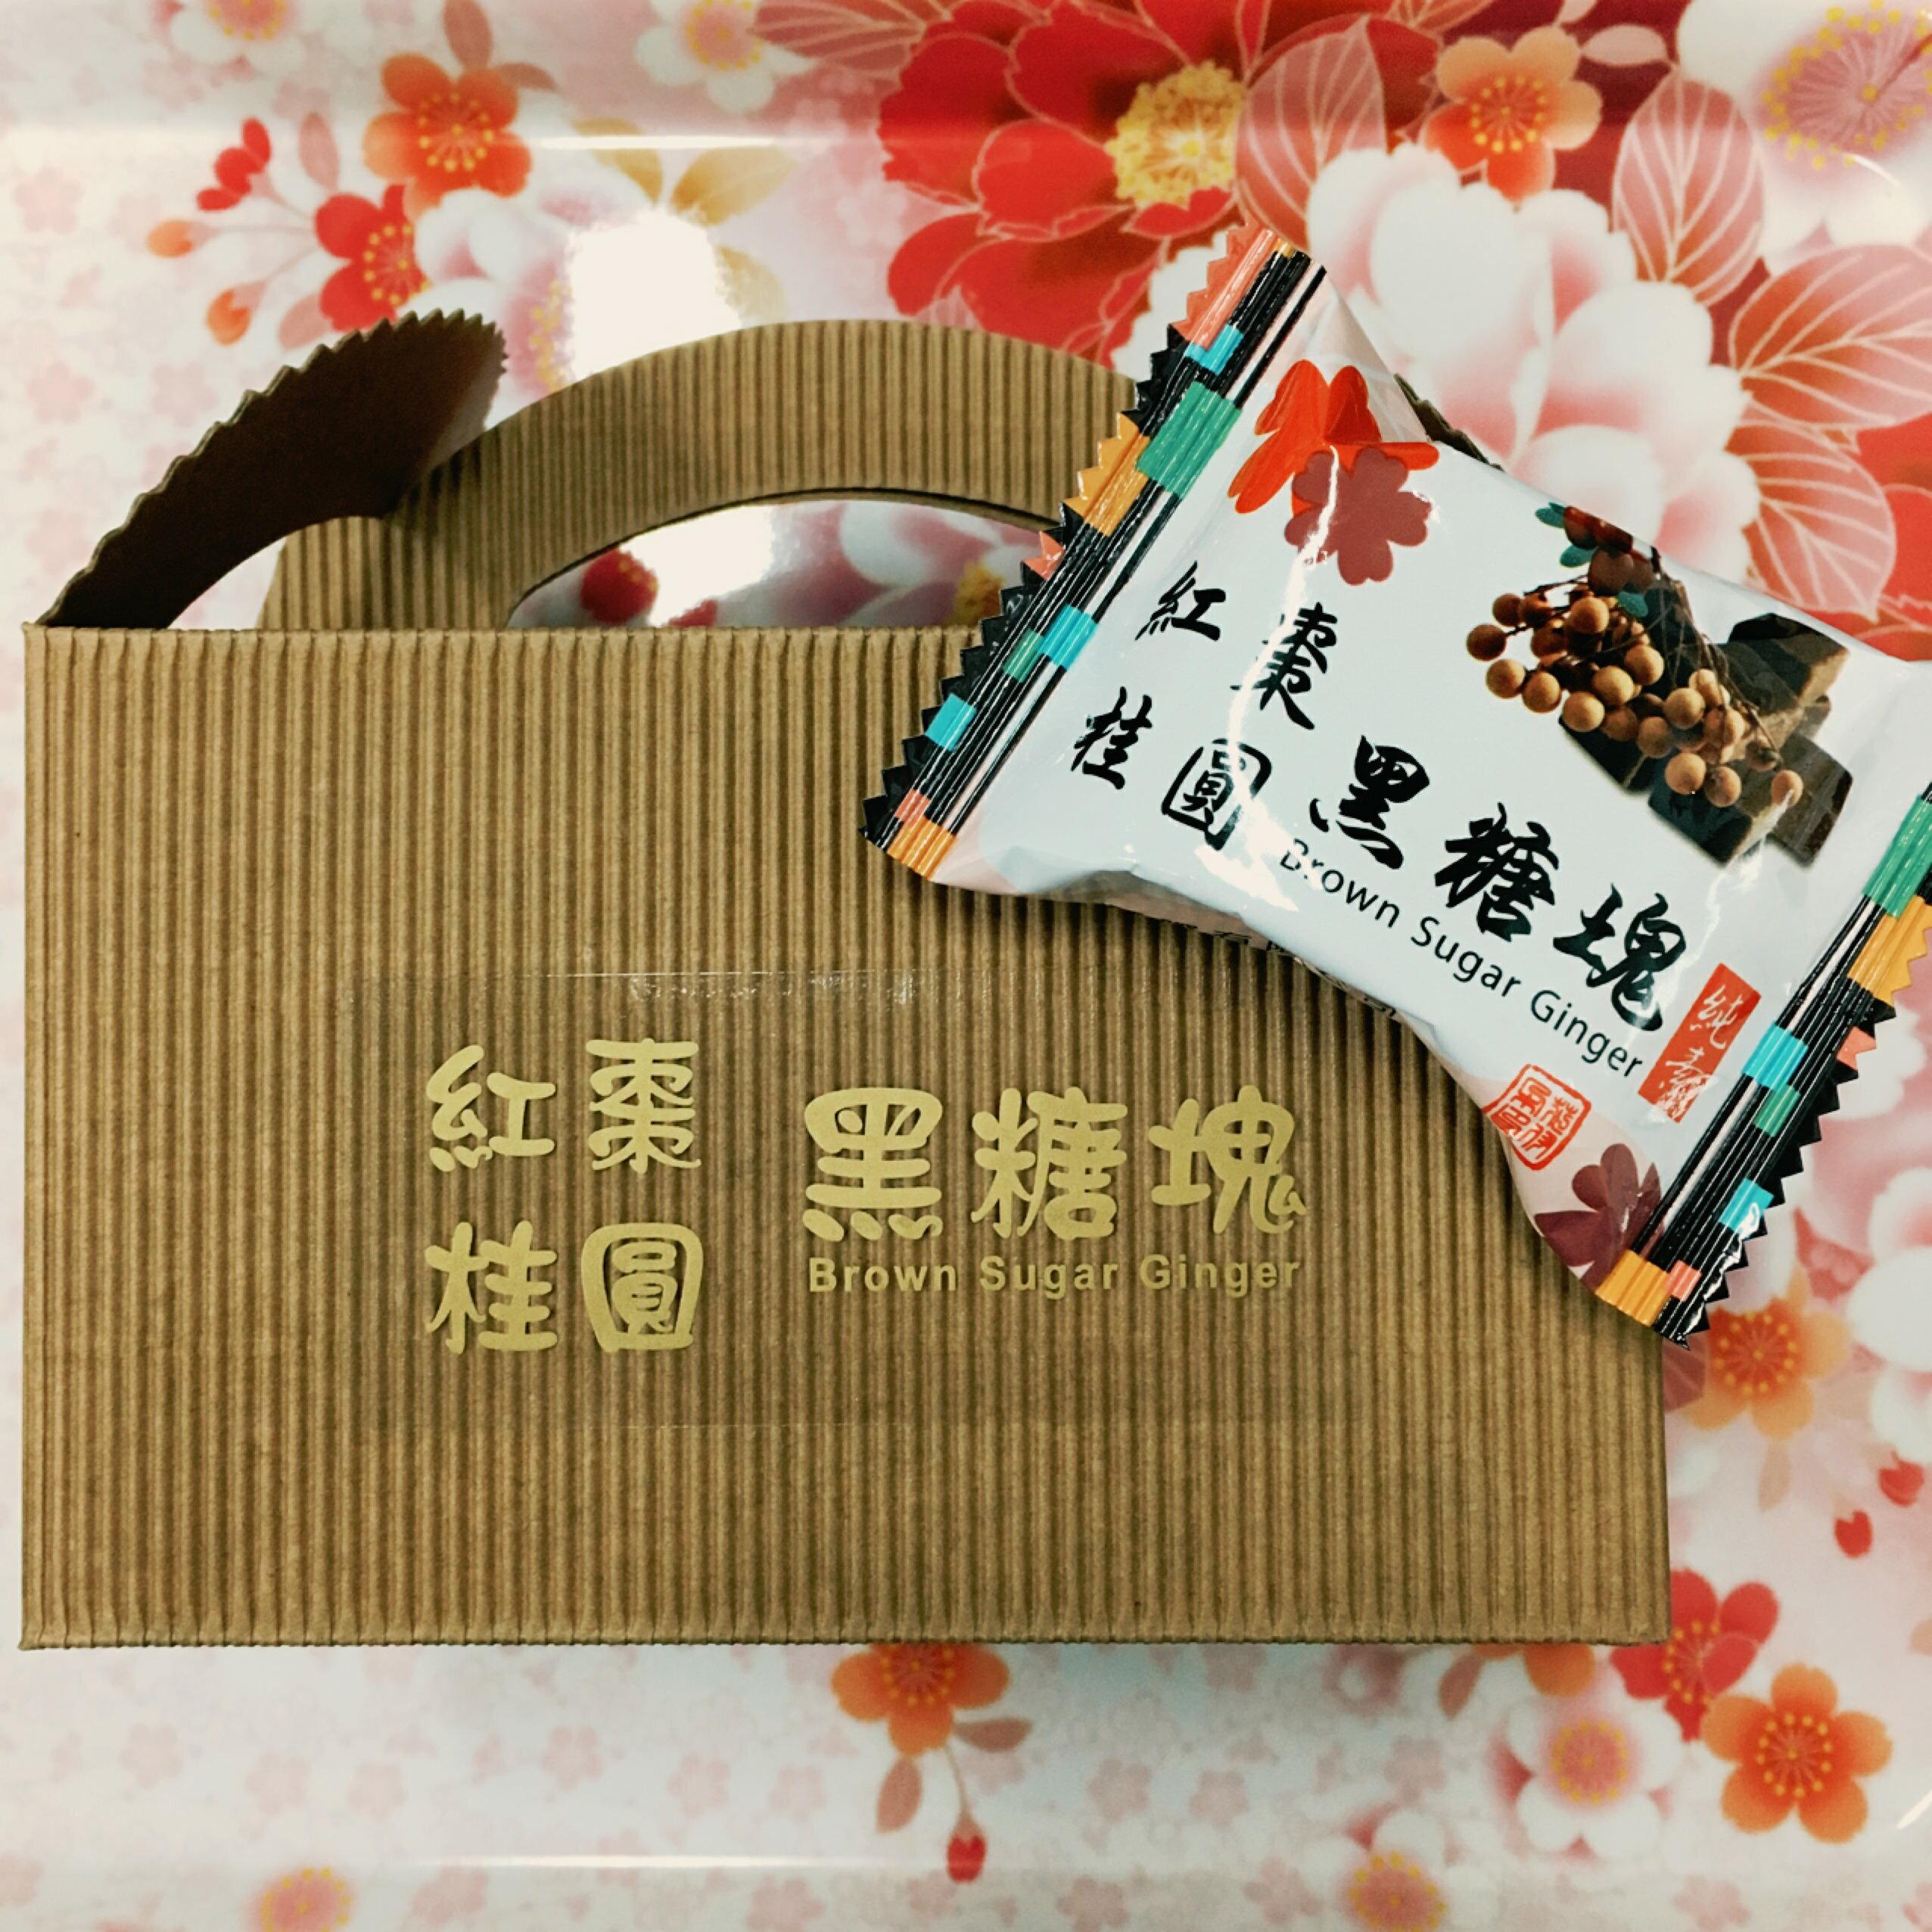 ★年節禮盒特賣【紅棗桂圓黑糖塊】10入/300g 黑糖茶磚/養生飲